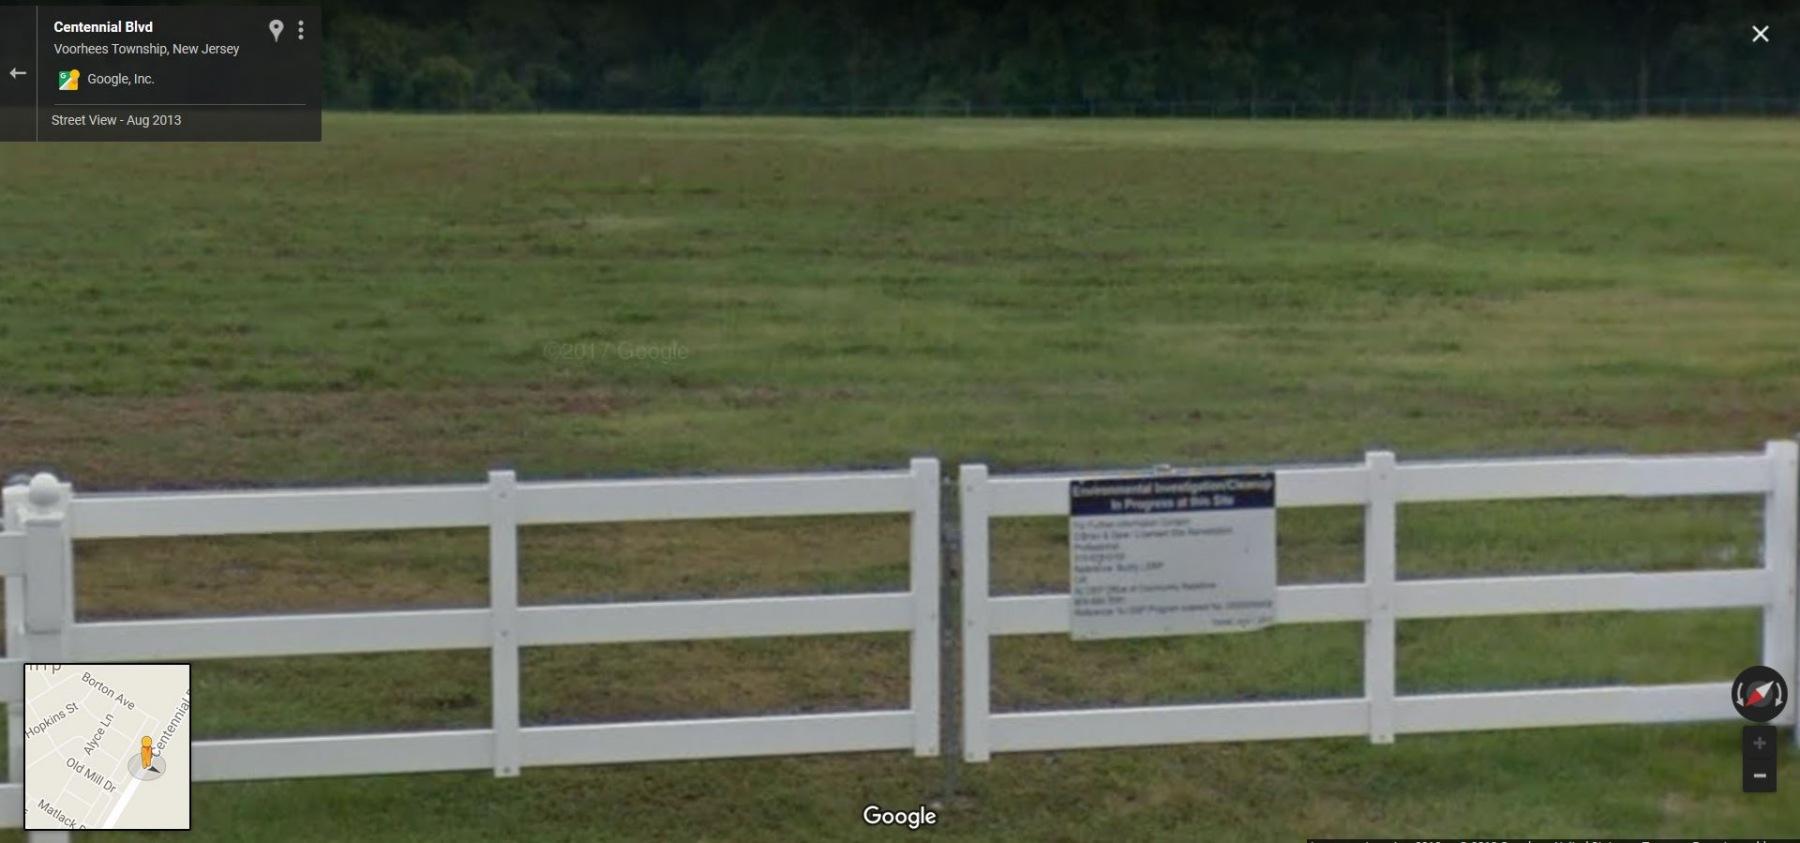 field.thumb.JPG.537eef5b864db5320bde879f31762061.JPG